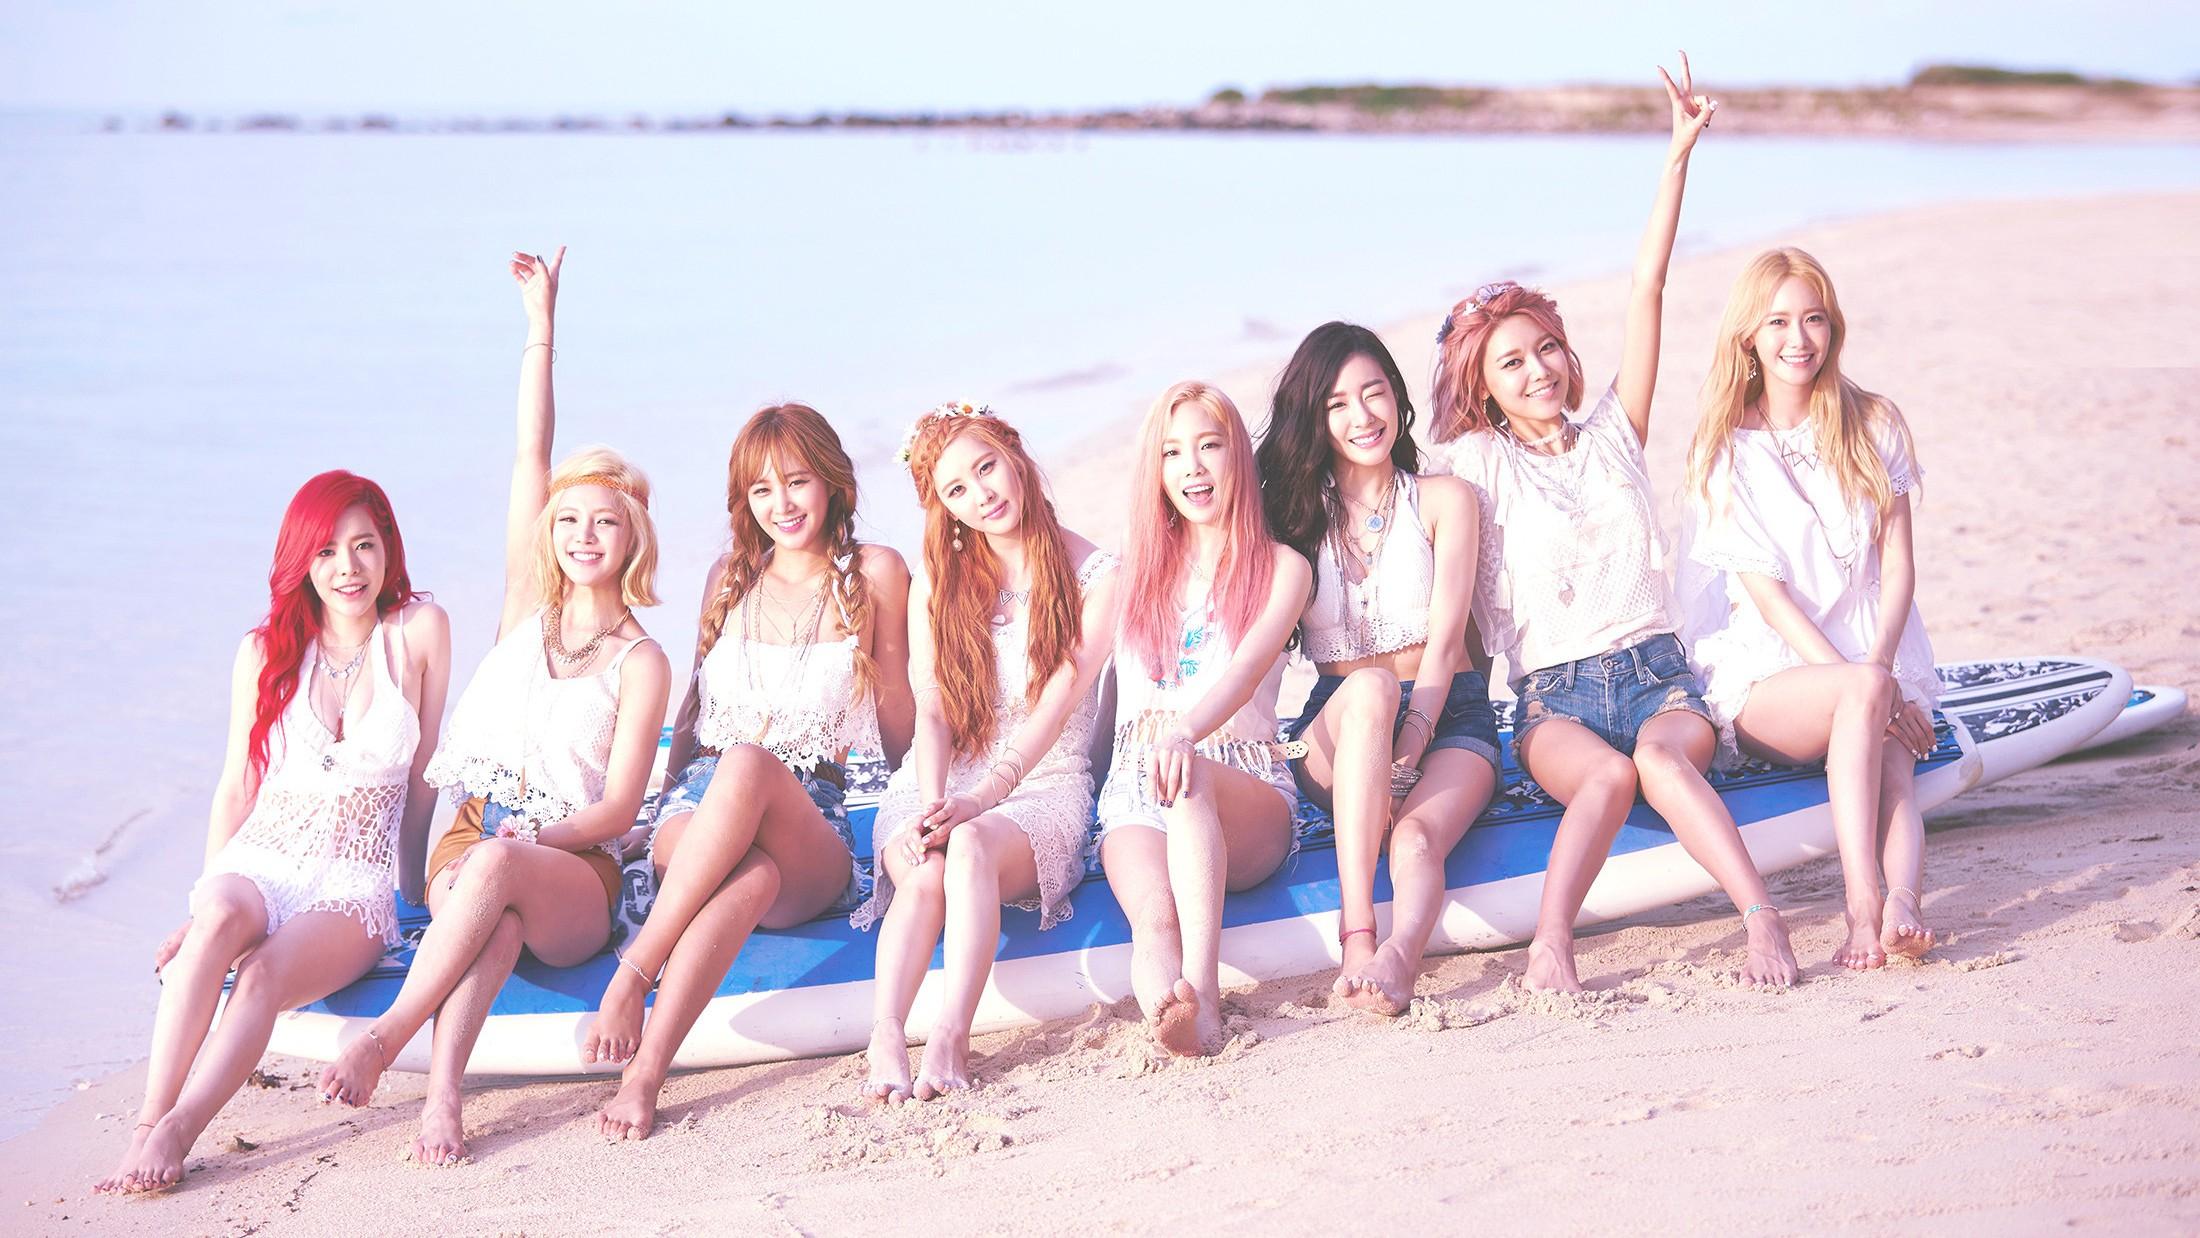 People 2200x1238 SNSD Girls' Generation K-pop Asian musician model singer Korean beach women women outdoors kim taeyon Sunny Tiffany Hwang hyoyeon Kwon Yuri Sooyoung Yoona Seohyun group of women shorts jean shorts redhead